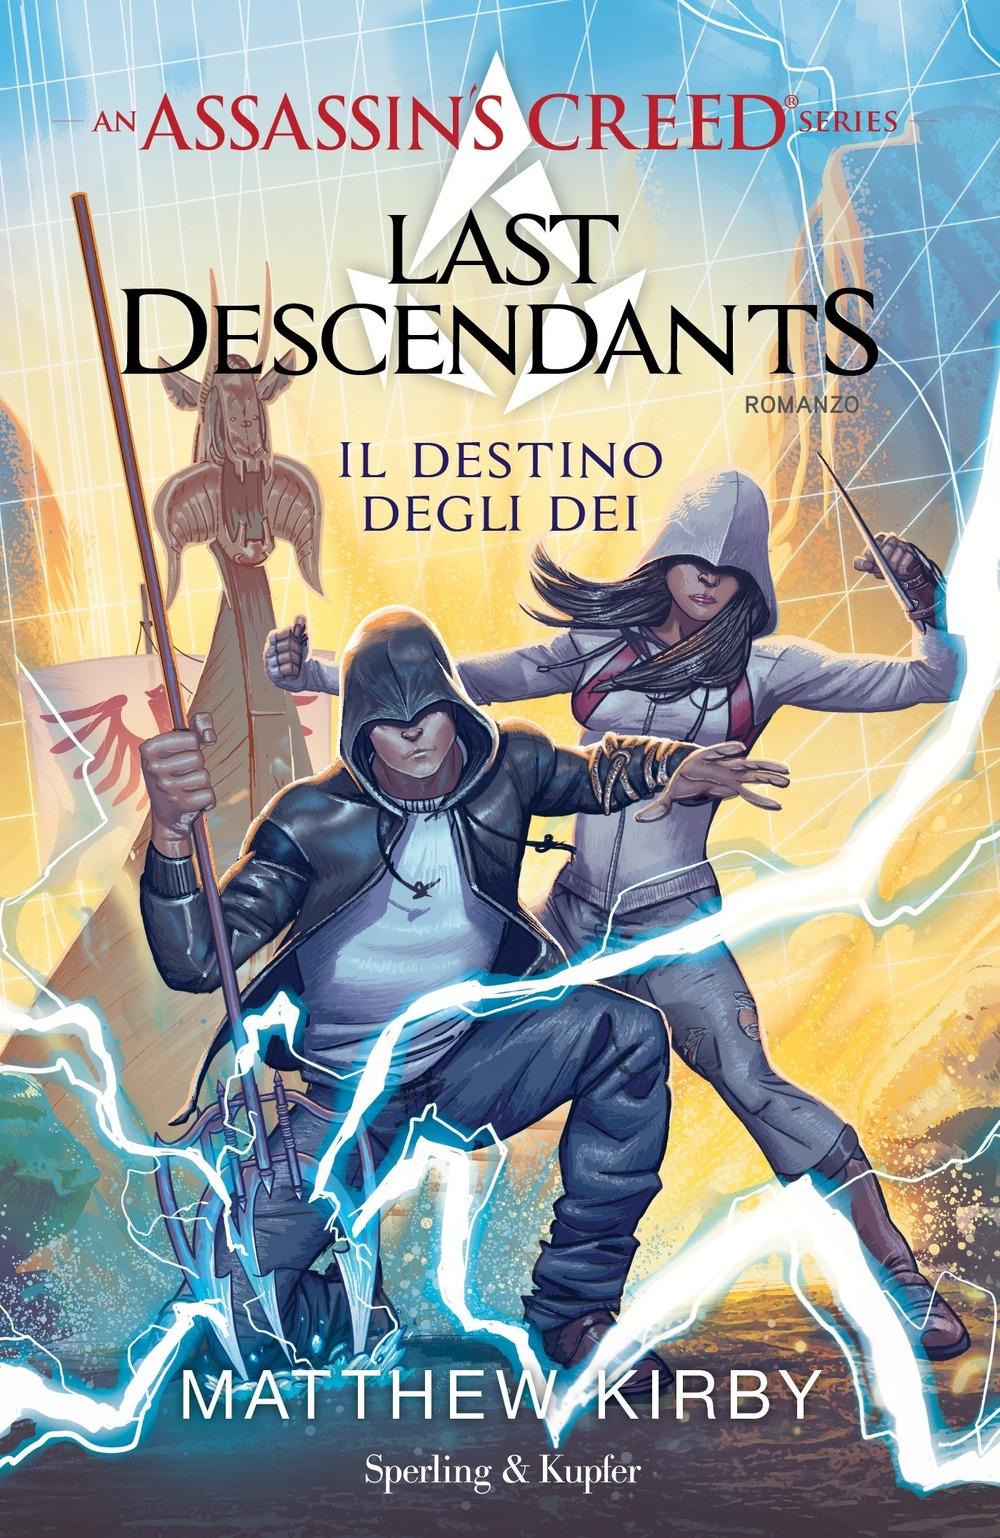 Assassin's Creed. Last descendants. Vol. 3: Il destino degli dei